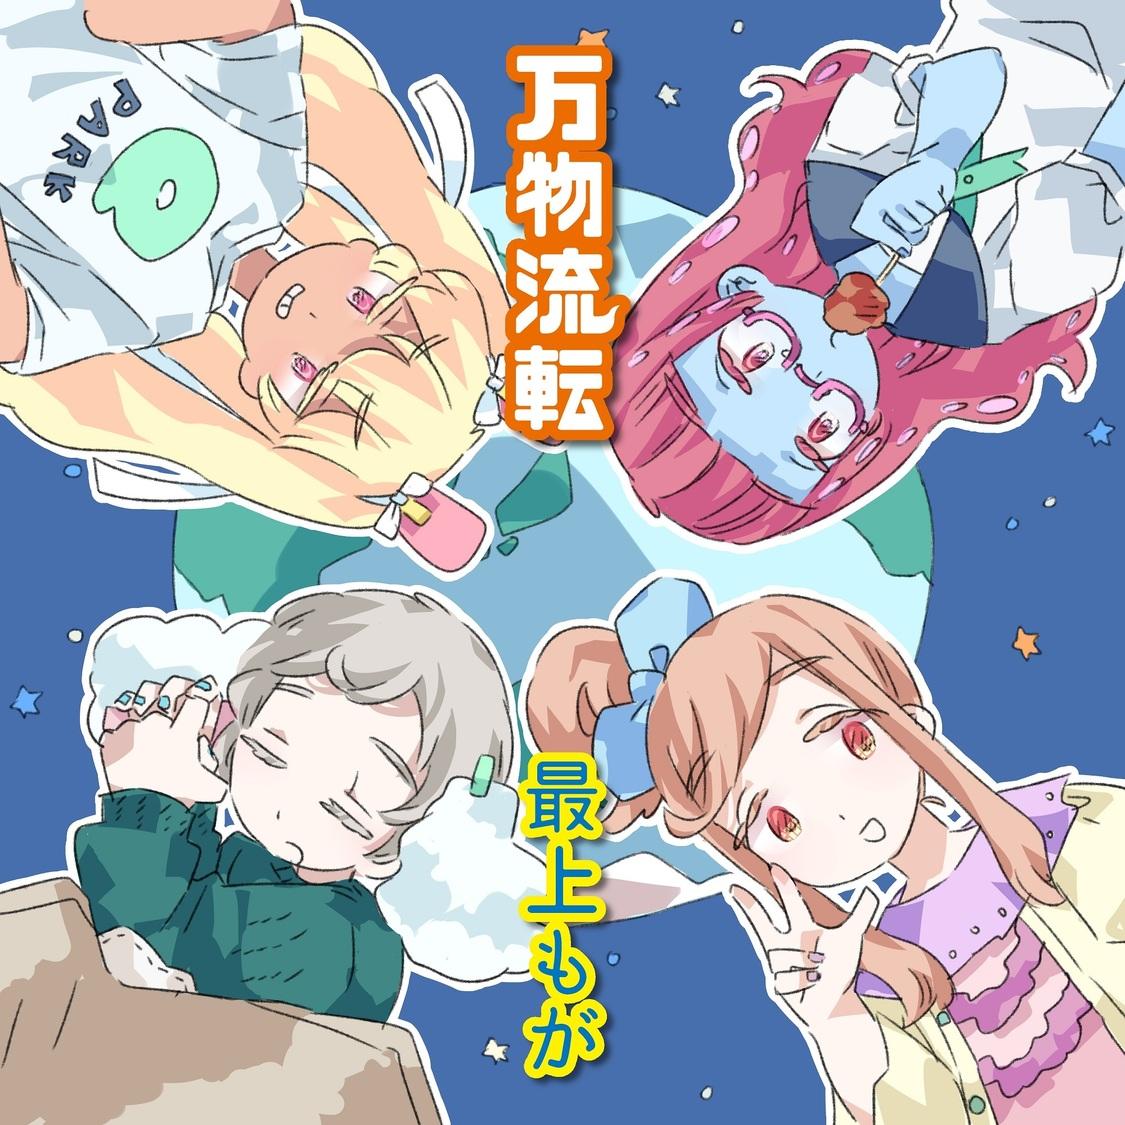 最上もが、ラップにも挑戦したアニメ『東京ガンボ』主題歌「万物流転」デジタル配信スタート!